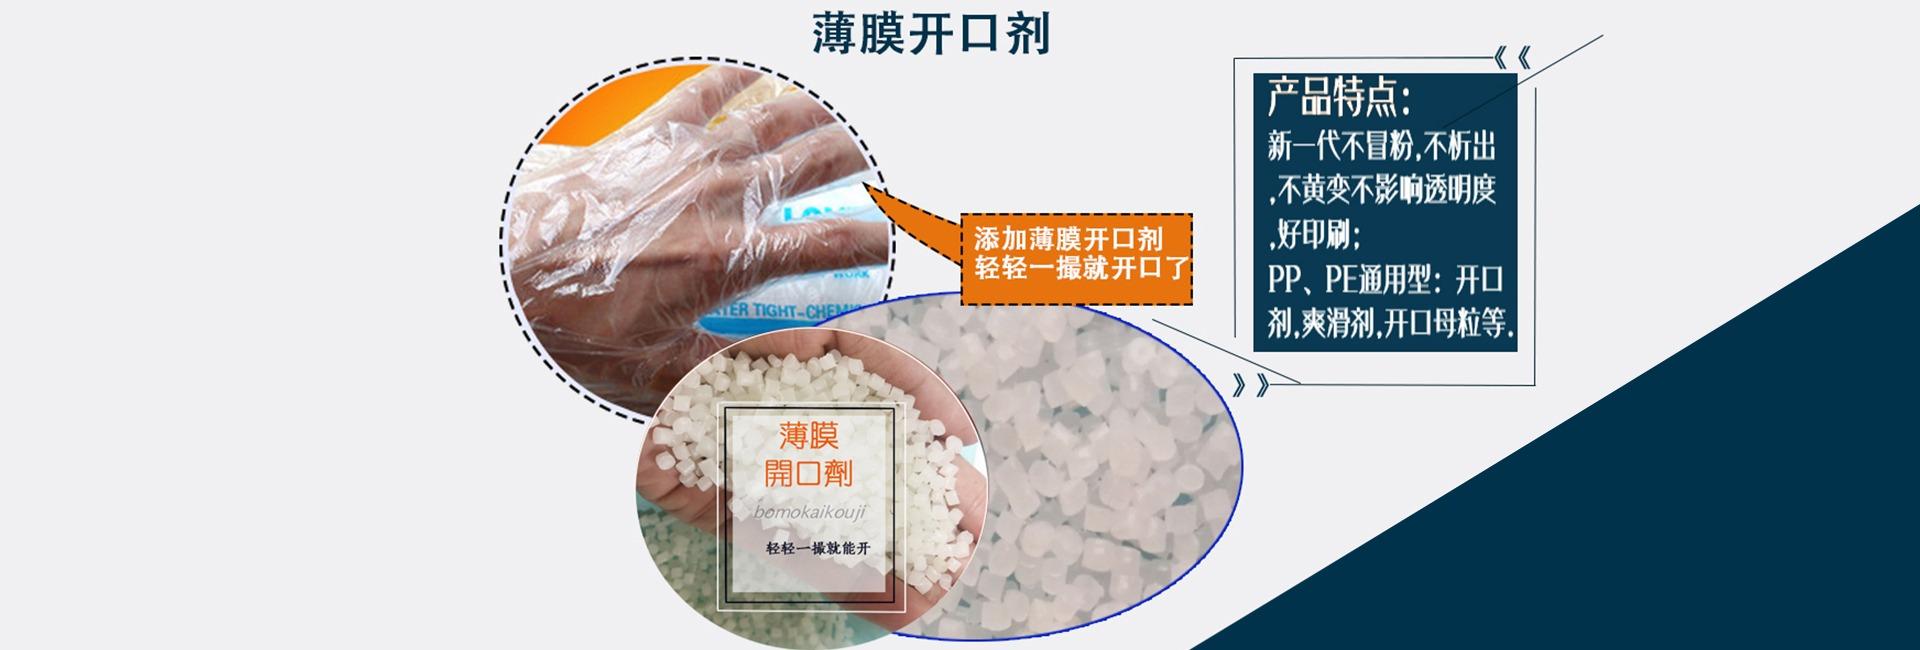 薄膜开口剂图